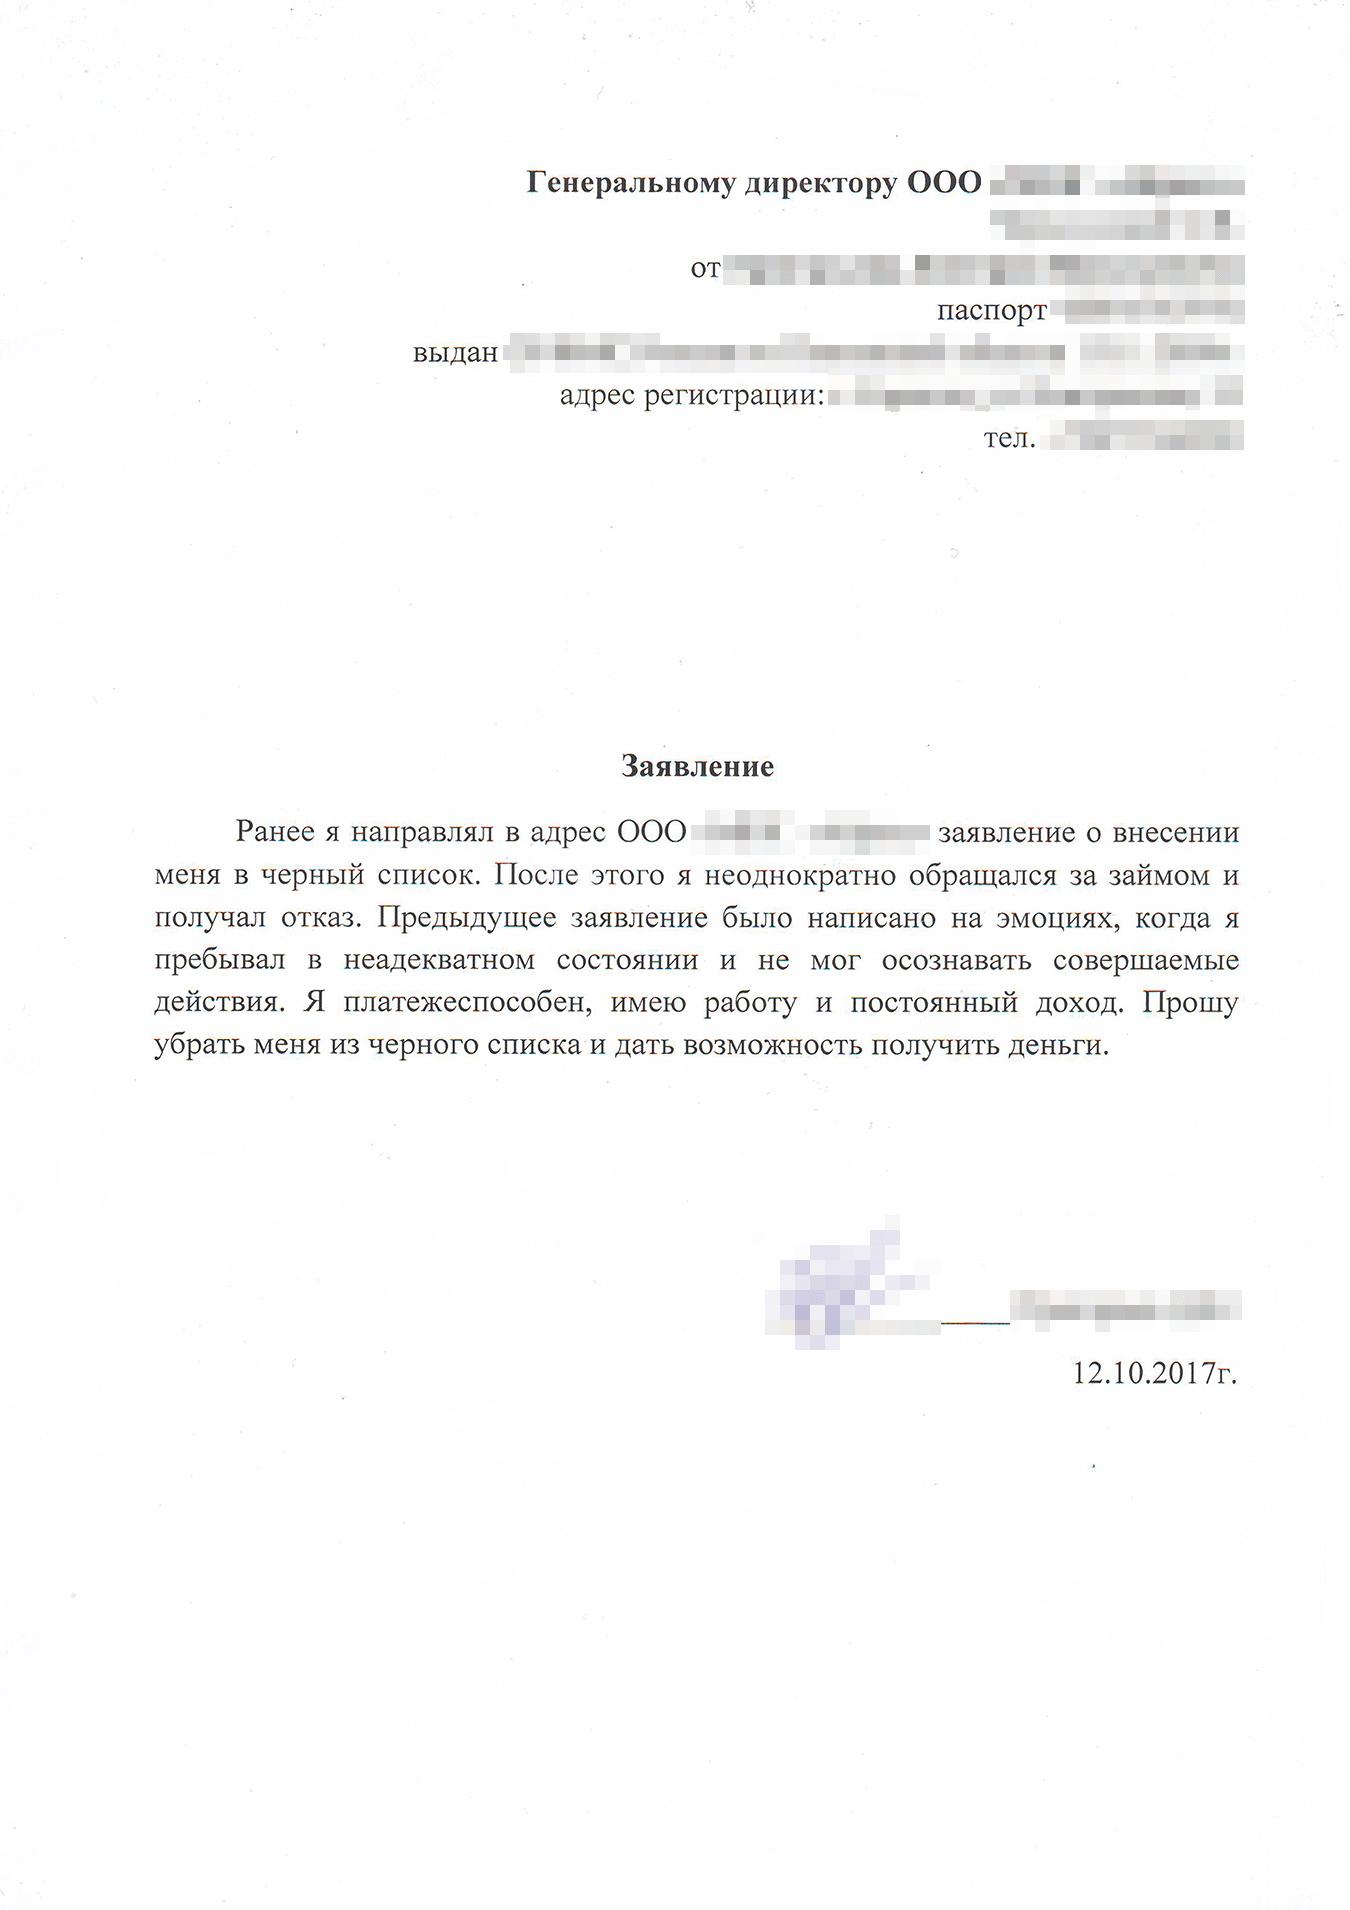 Заявление об отмене предыдущего заявления